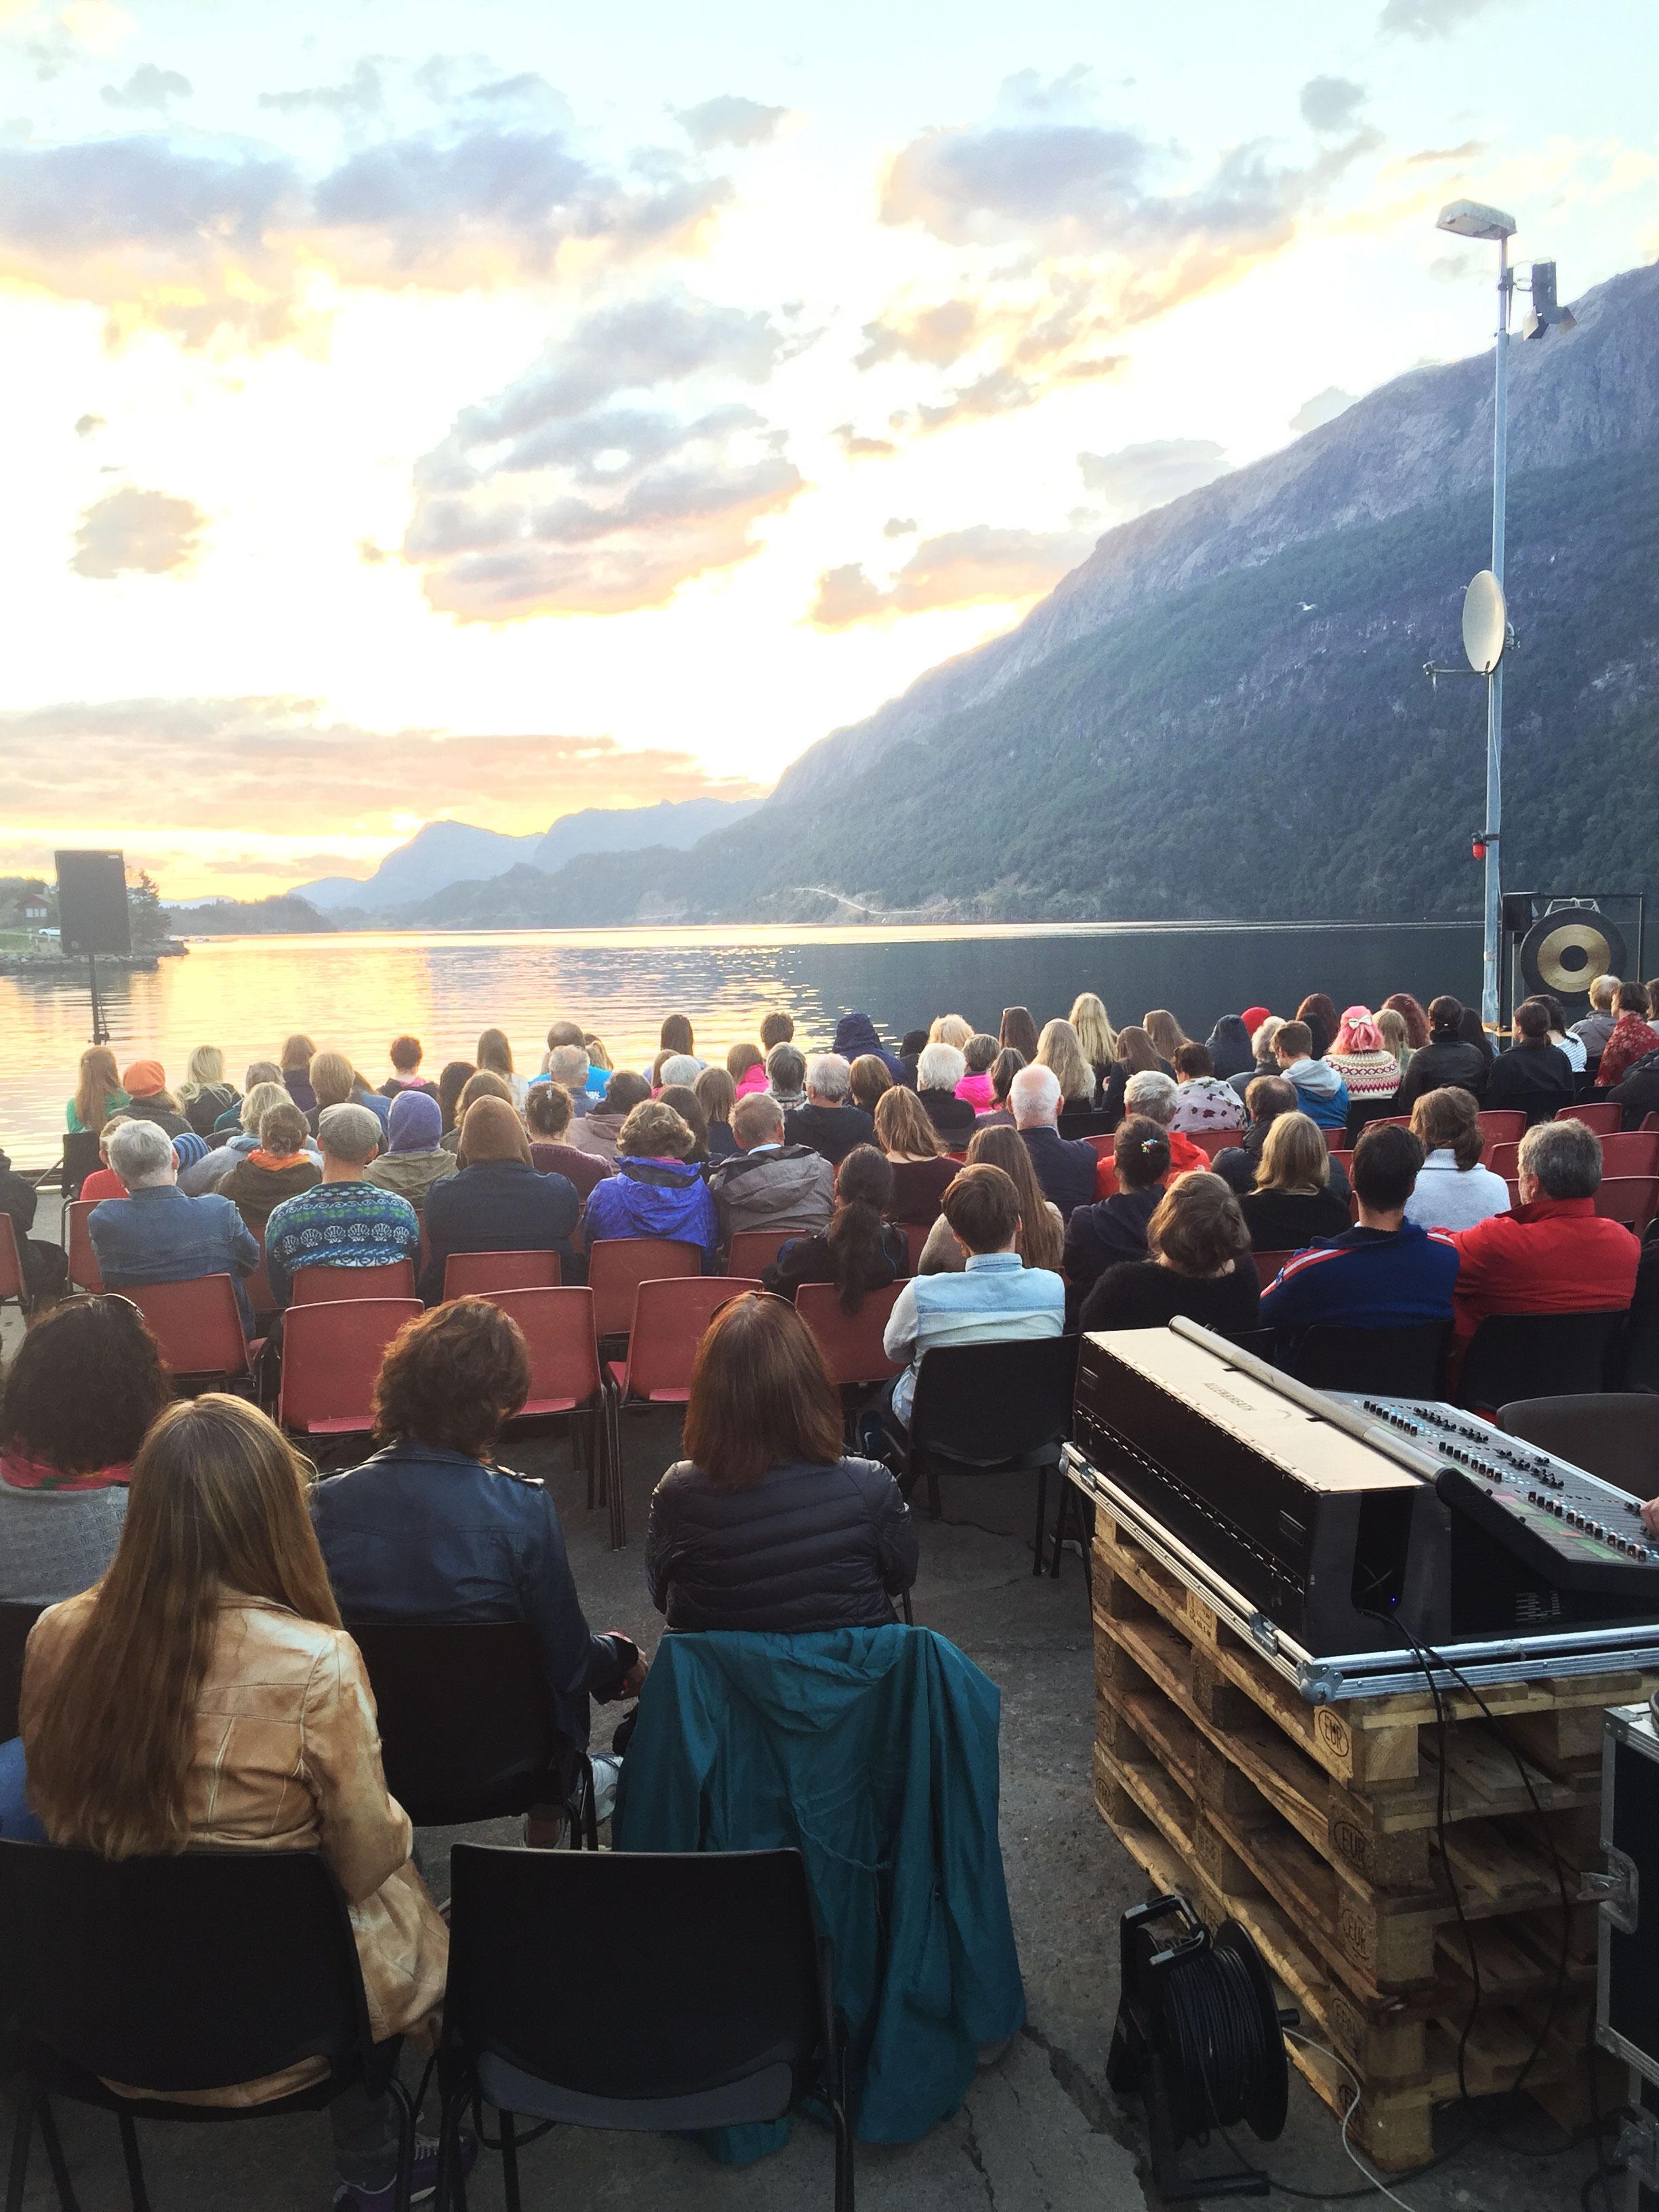 publikum-i-solnedgang-2-fjaler.jpg